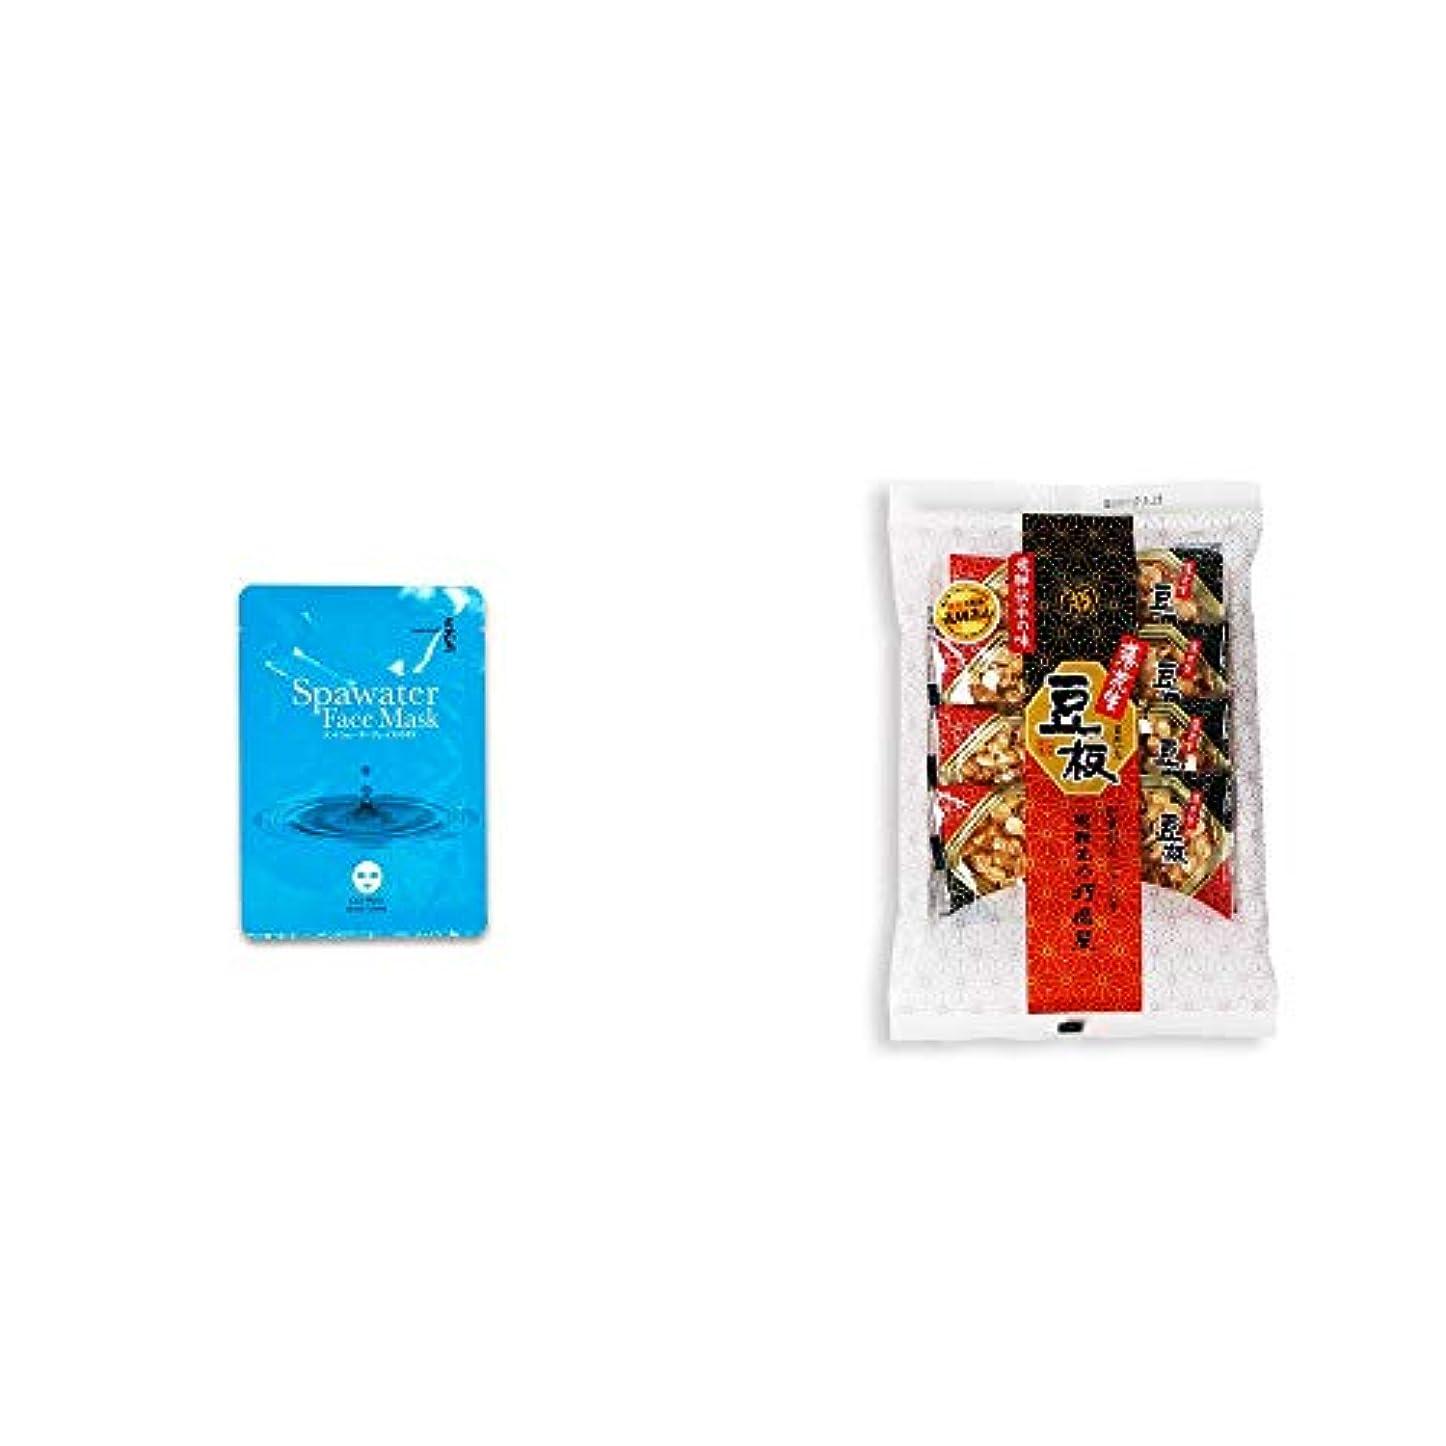 ガイダンスキャリッジシンク[2点セット] ひのき炭黒泉 スパウォーターフェイスマスク(18ml×3枚入)?飛騨銘菓「打保屋」の駄菓子 豆板(8枚入)